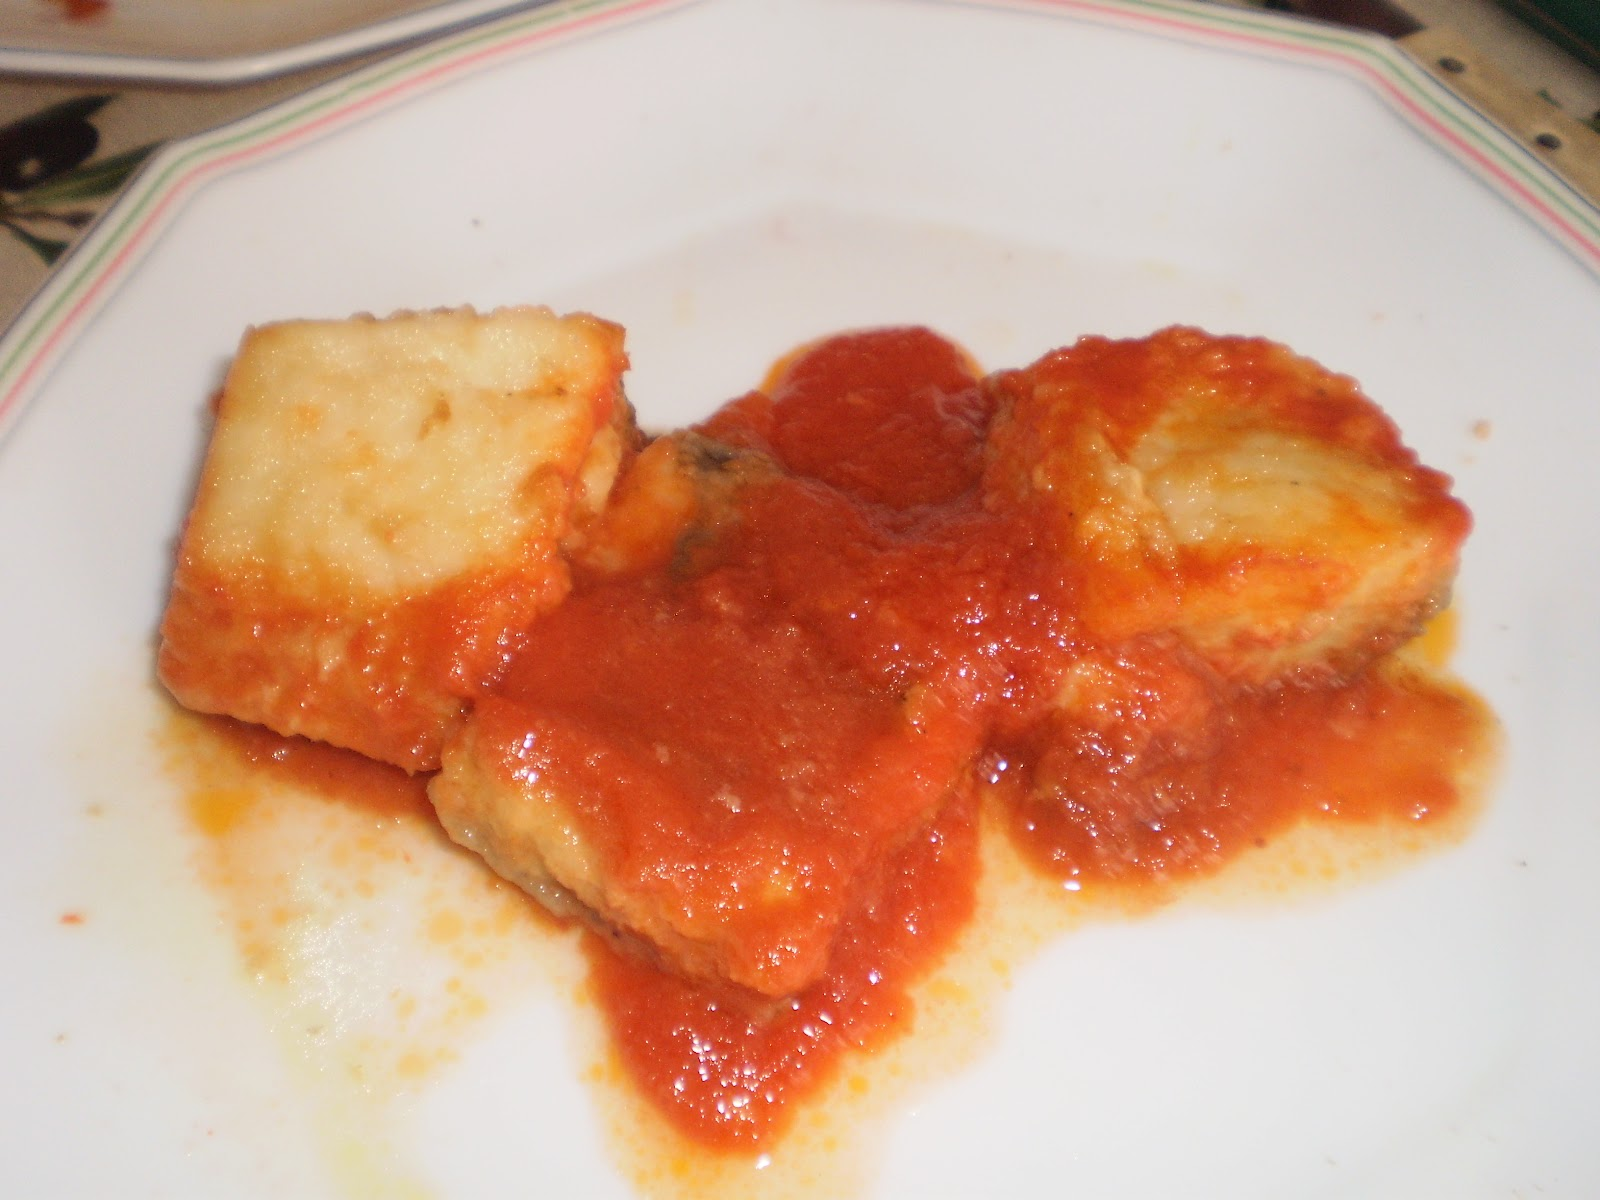 Cocina sin tonterias bacalao con tomate - Bacalao fresco con tomate ...